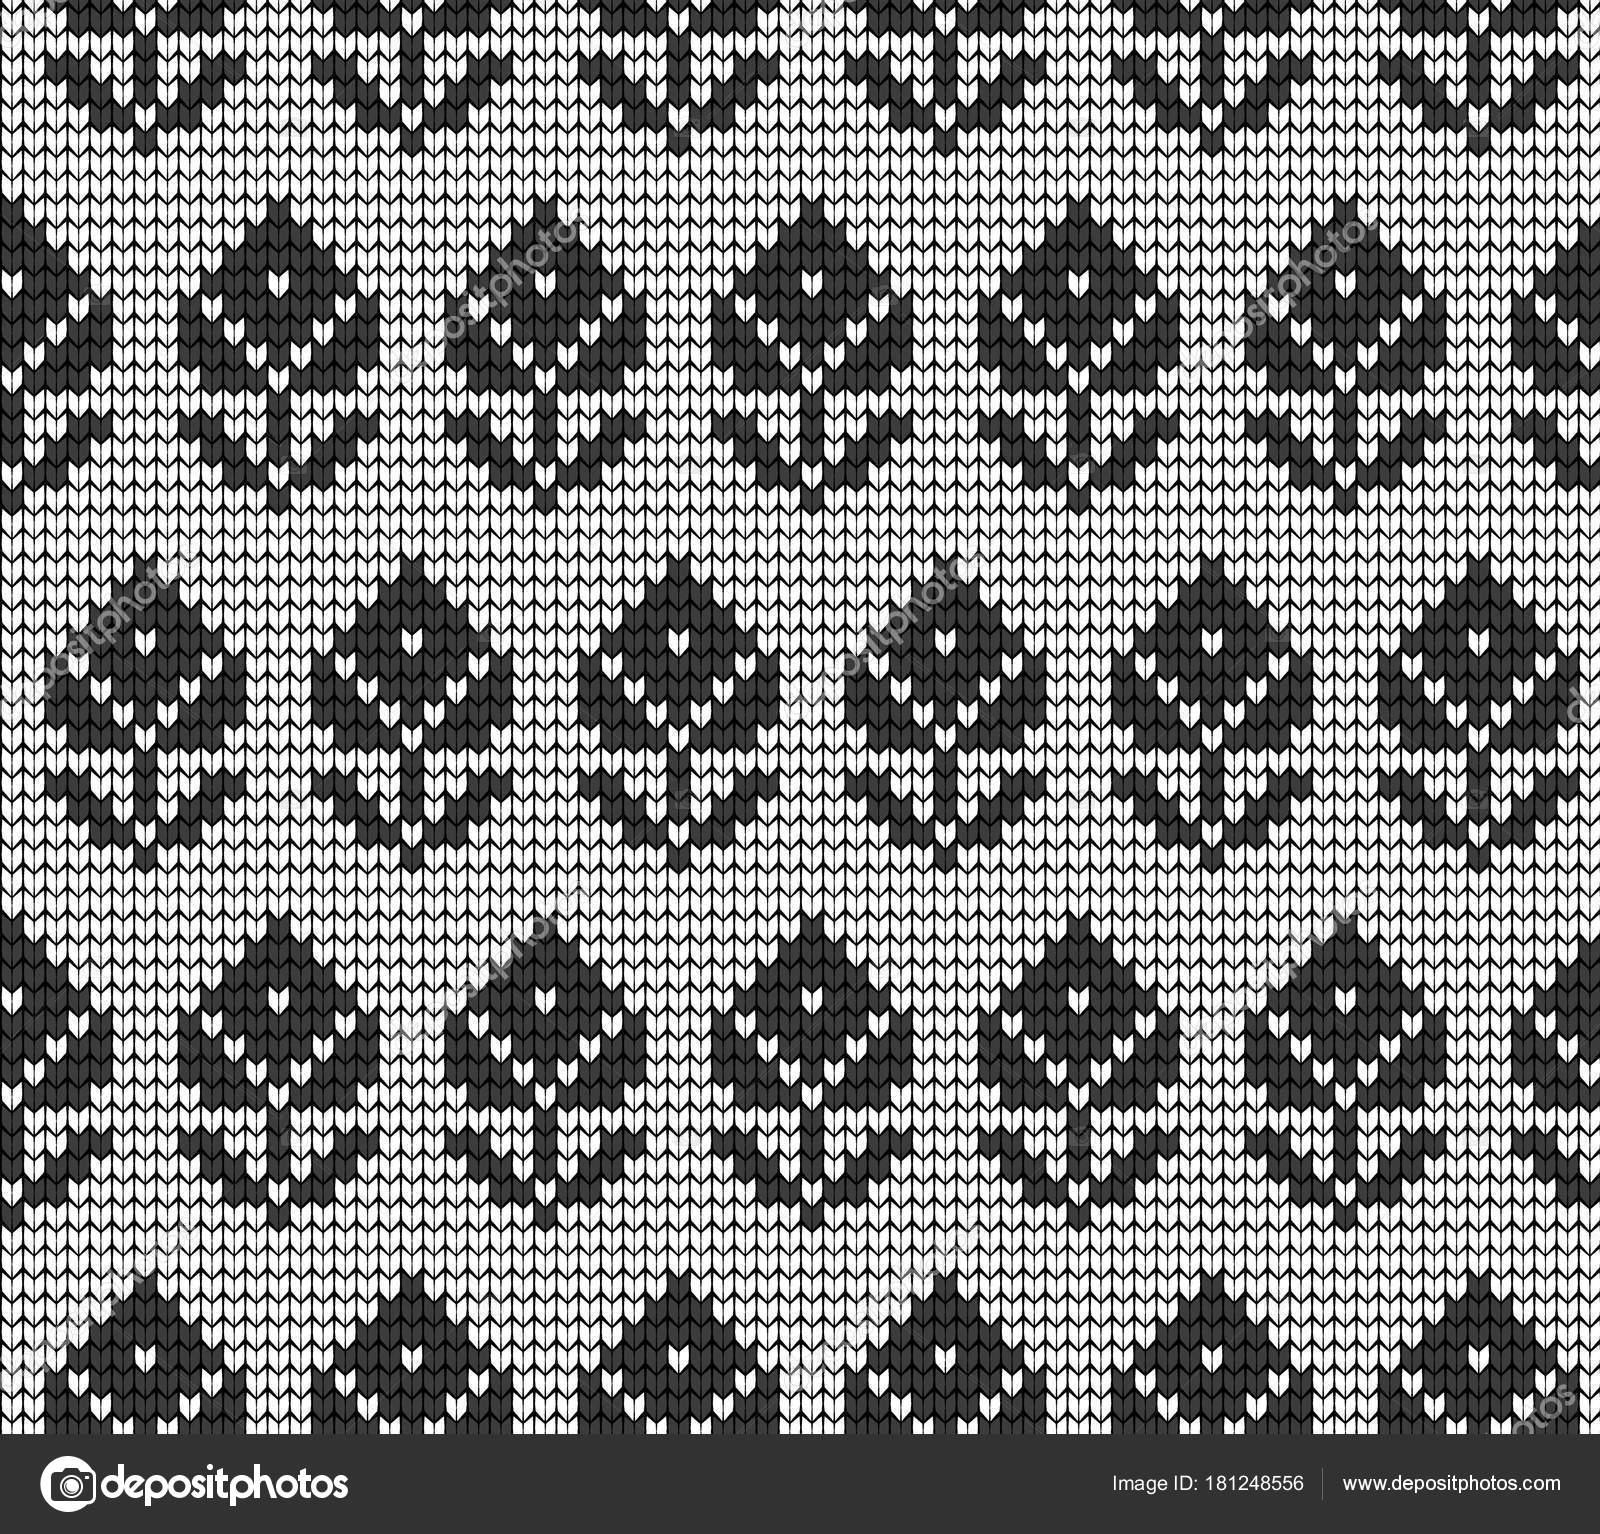 3ef9321719 Kötött téli minta vektor kötöttáru virágmintás — Vektorok pvl0707 ...